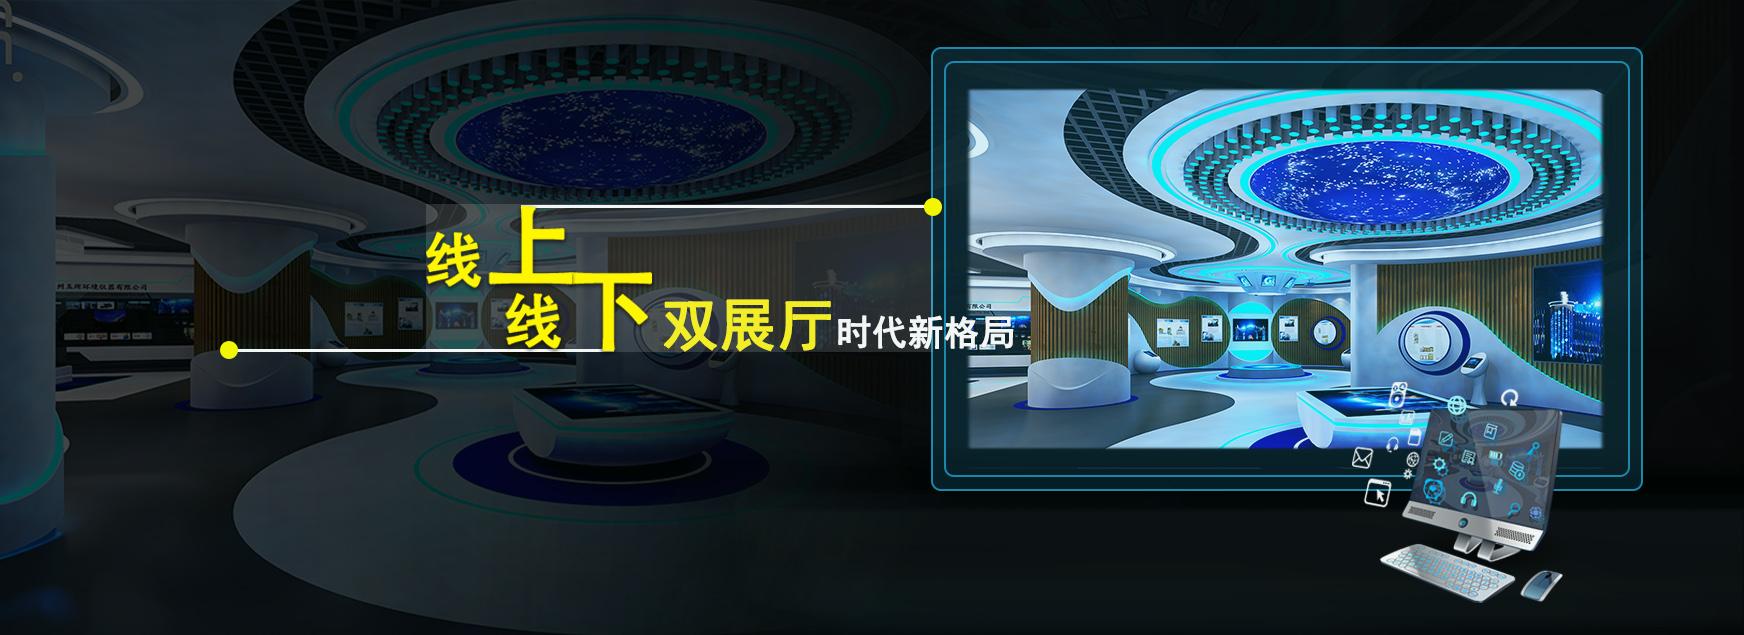 朗晟-从实景拍摄到虚拟建模